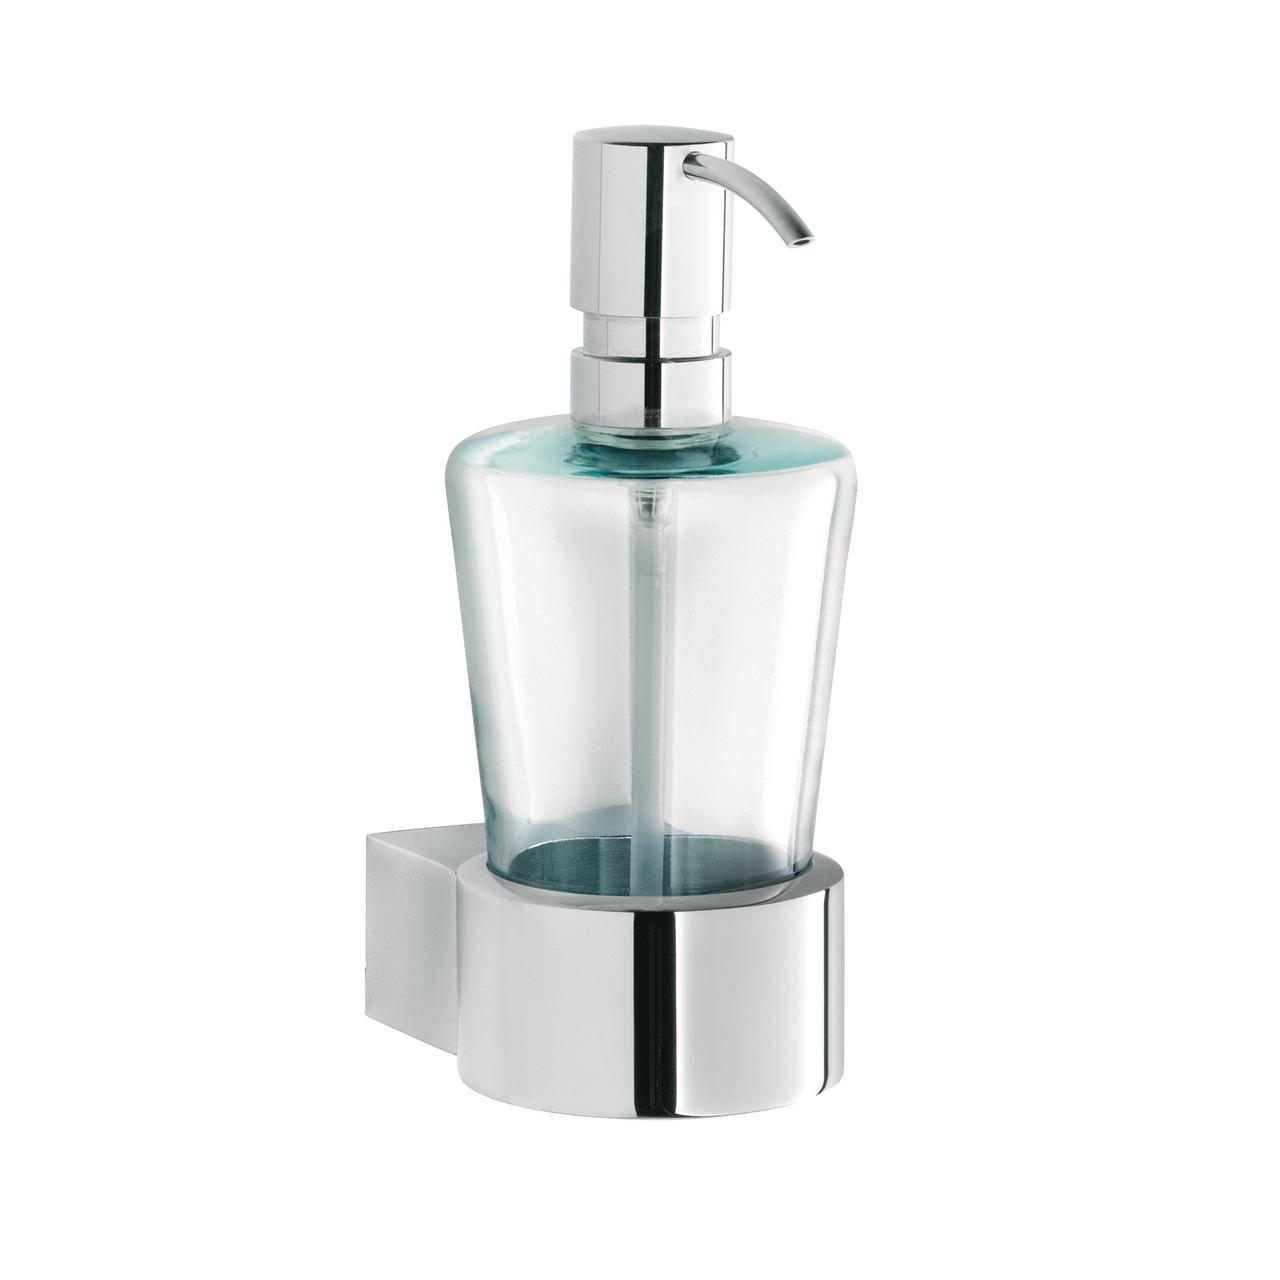 Дозатор для мыла KLUDI JOOP